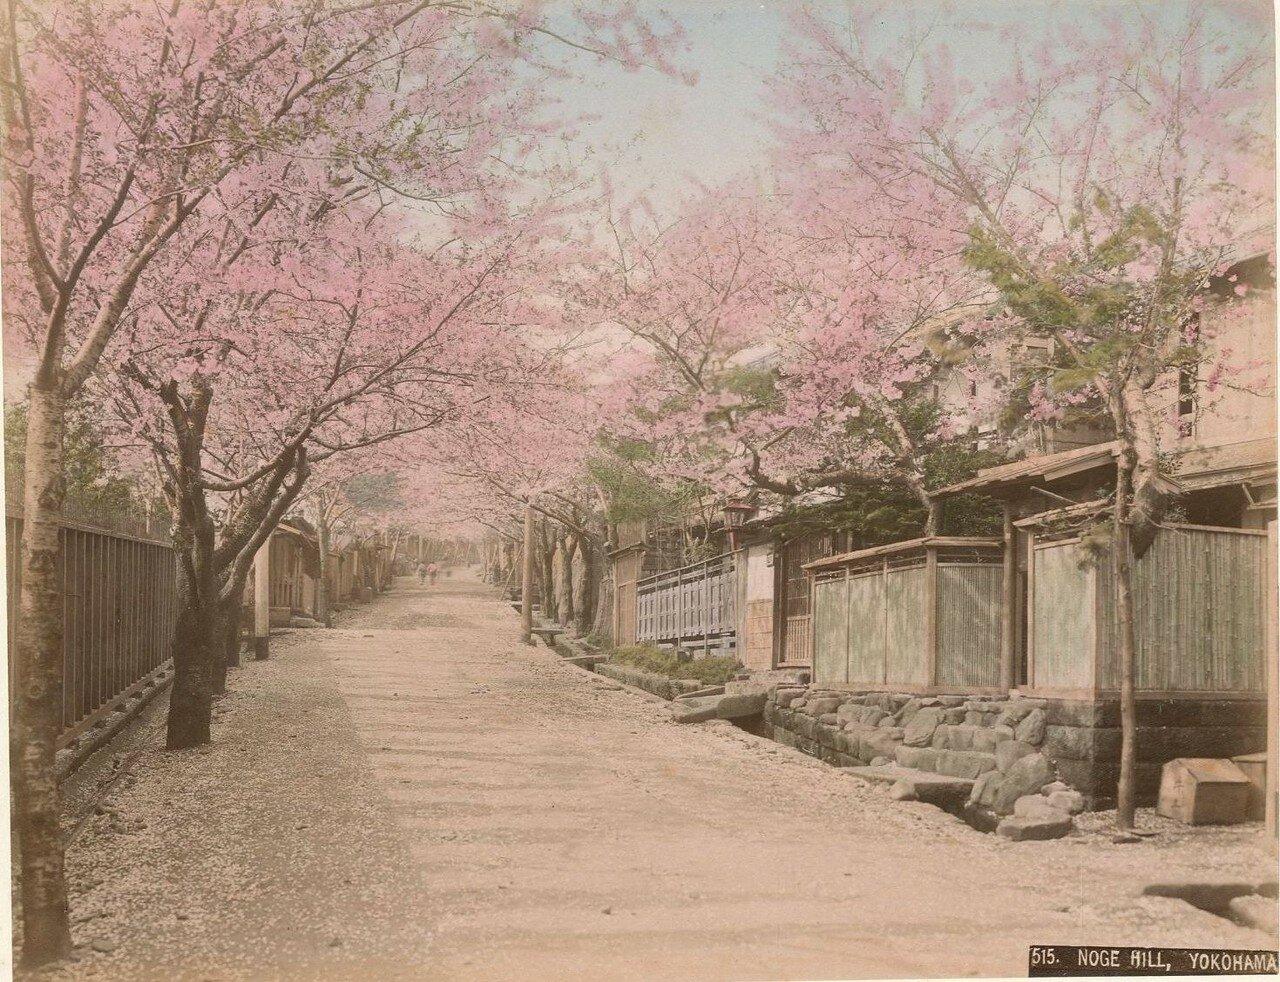 Иокогама. Ноге Хилл